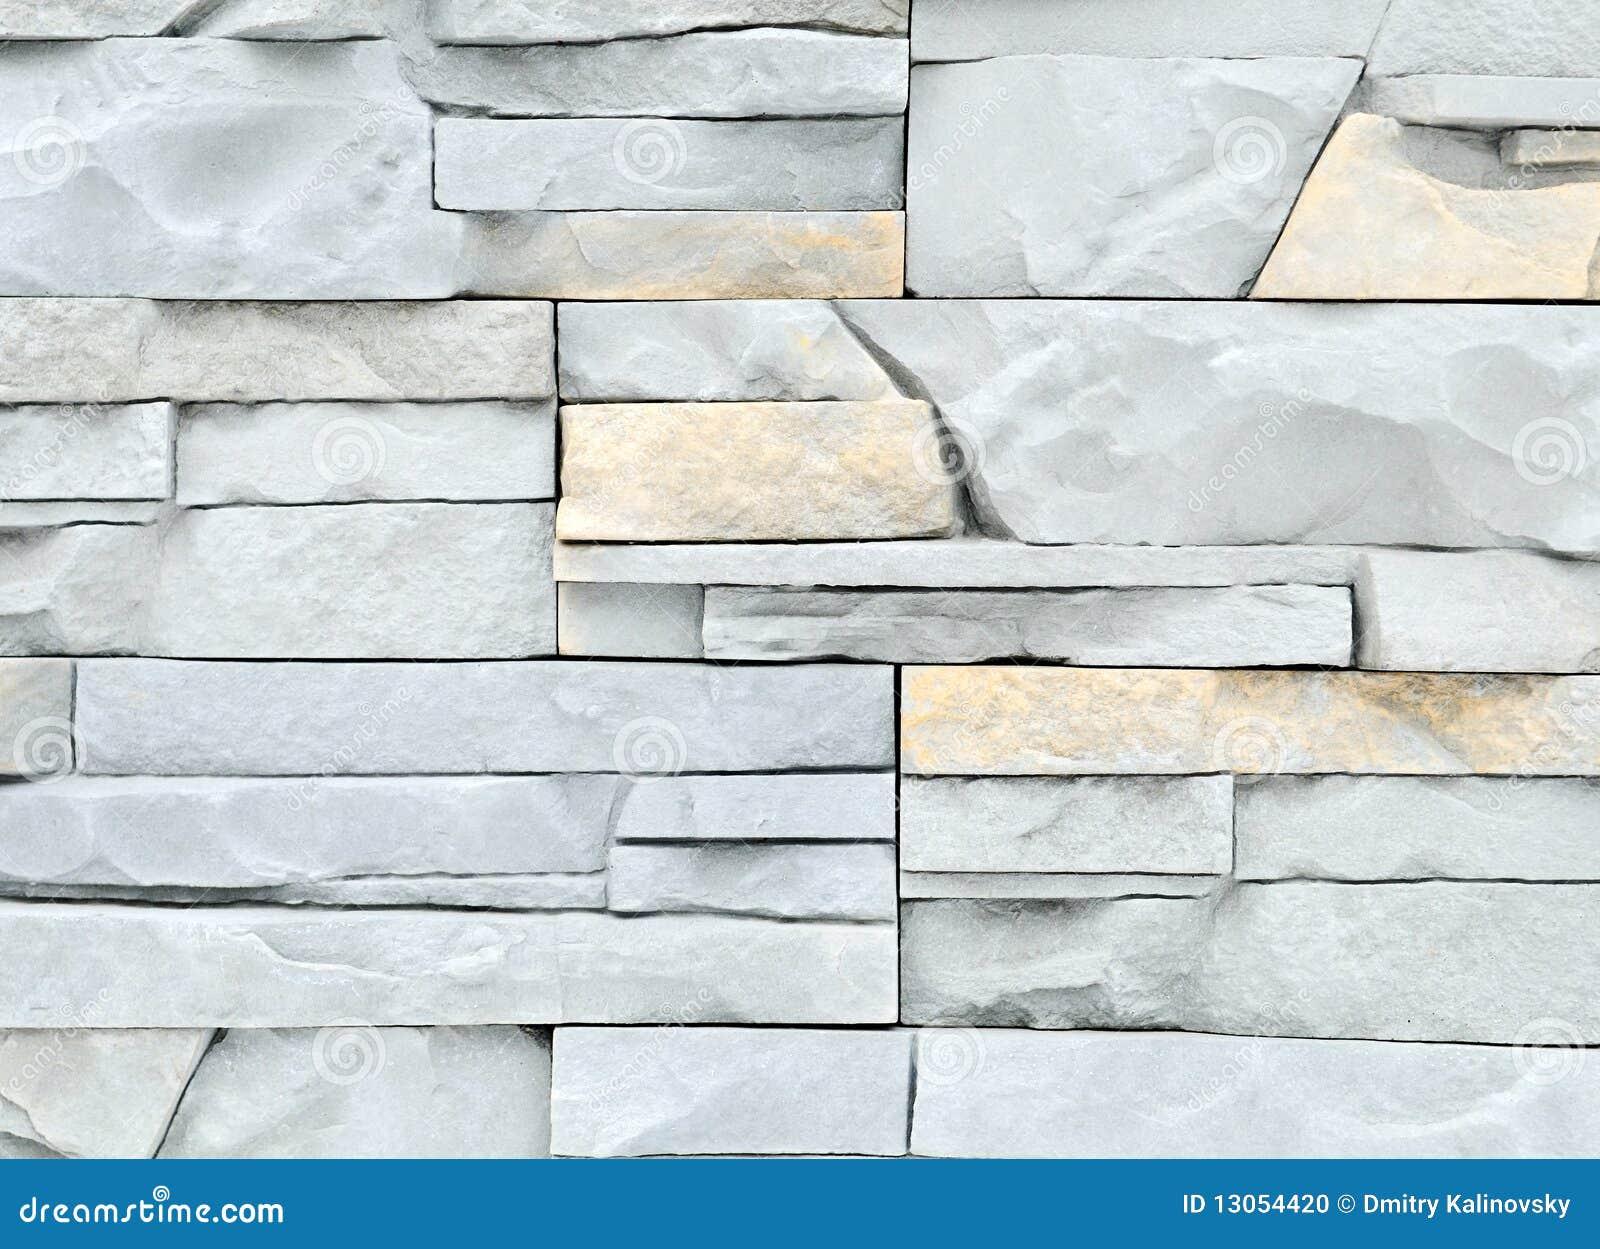 Struttura chiara della parete di pietra del mattone - Pietra parete interna ...